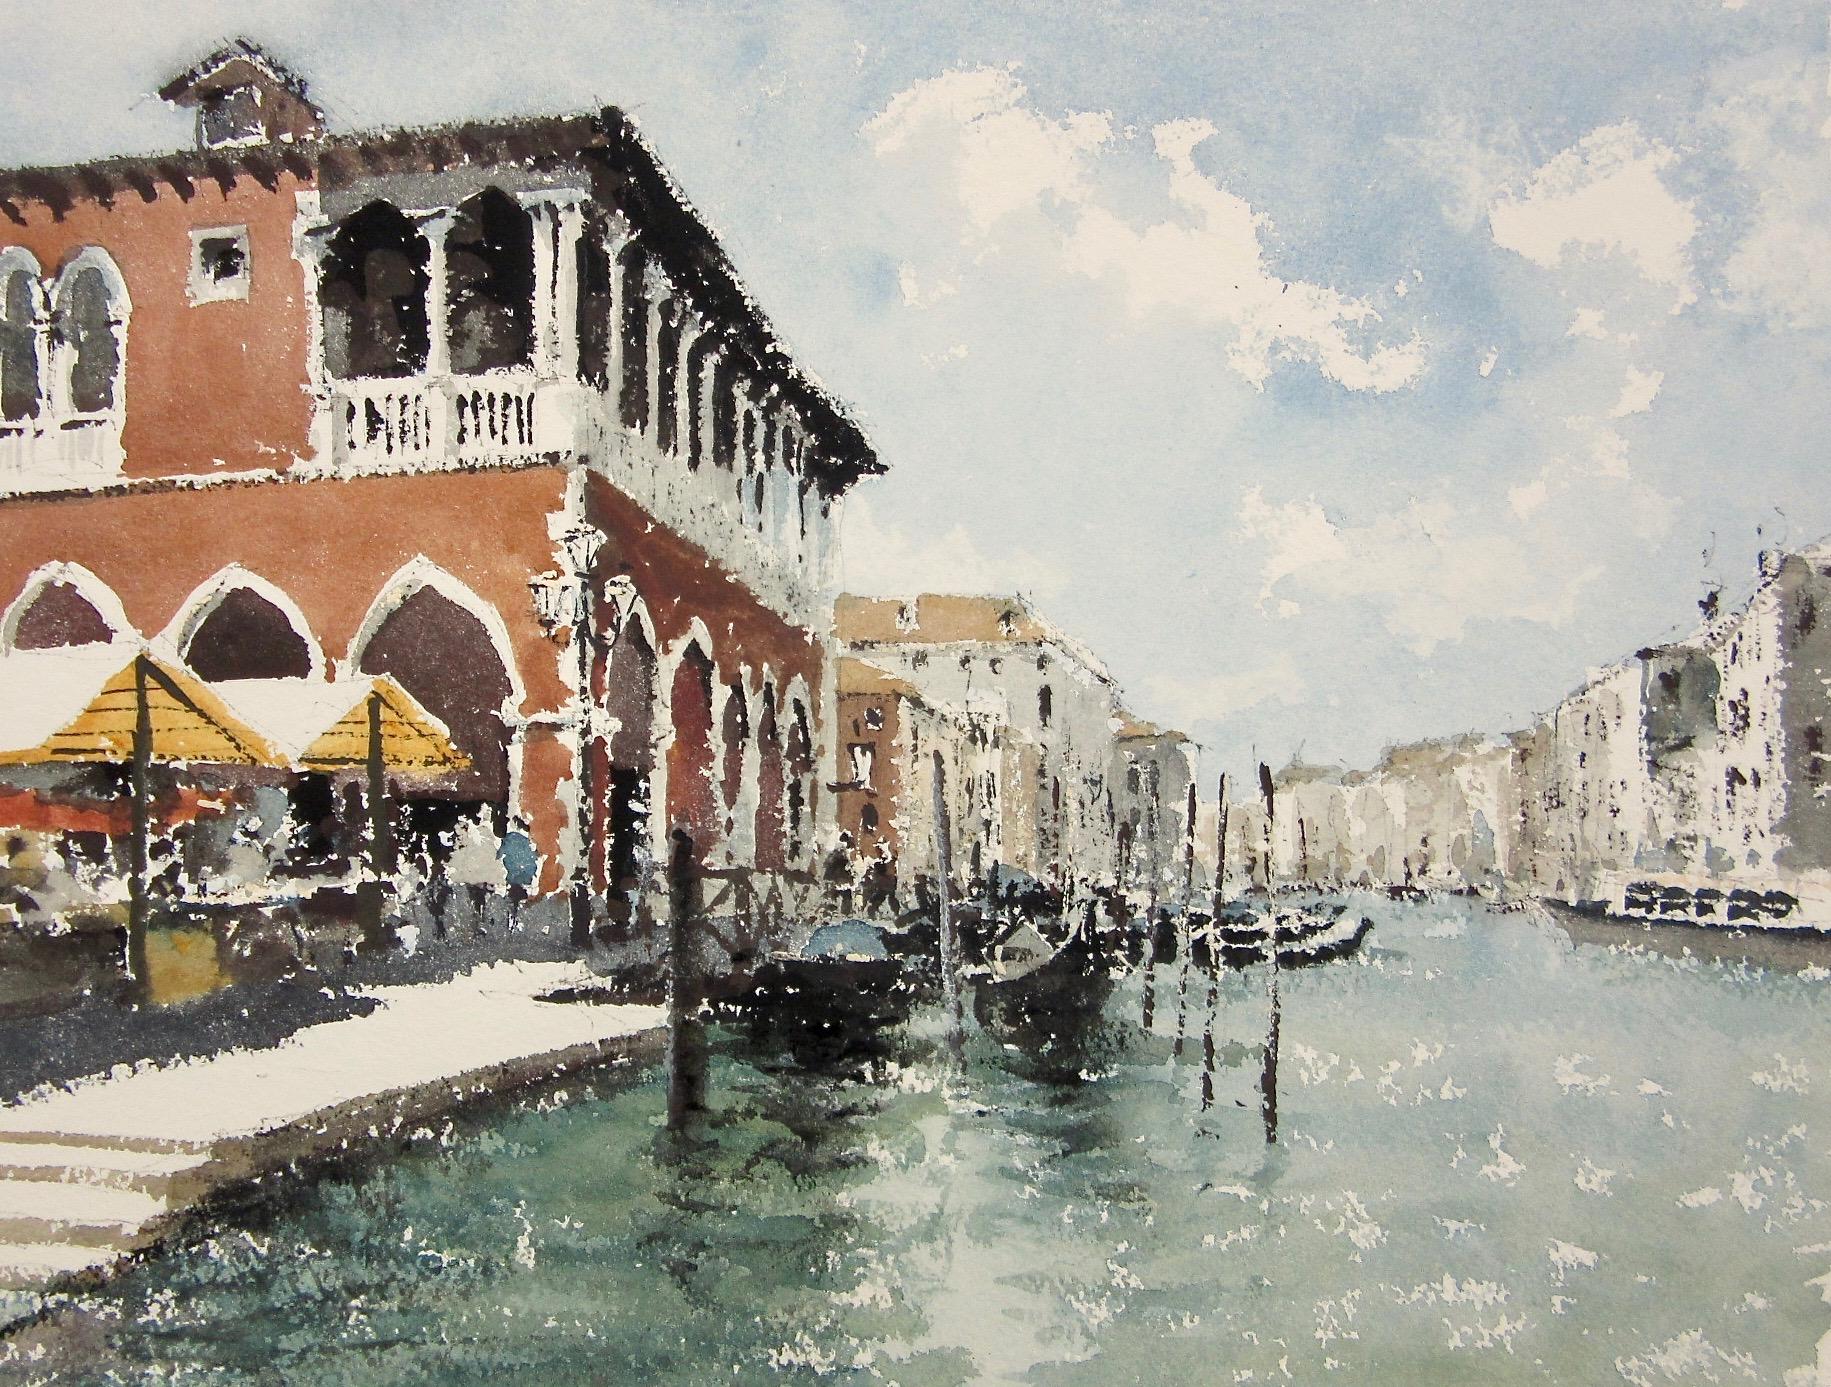 Fondamenta de le Prigioni Venice: 11 x 15.5 in: £750